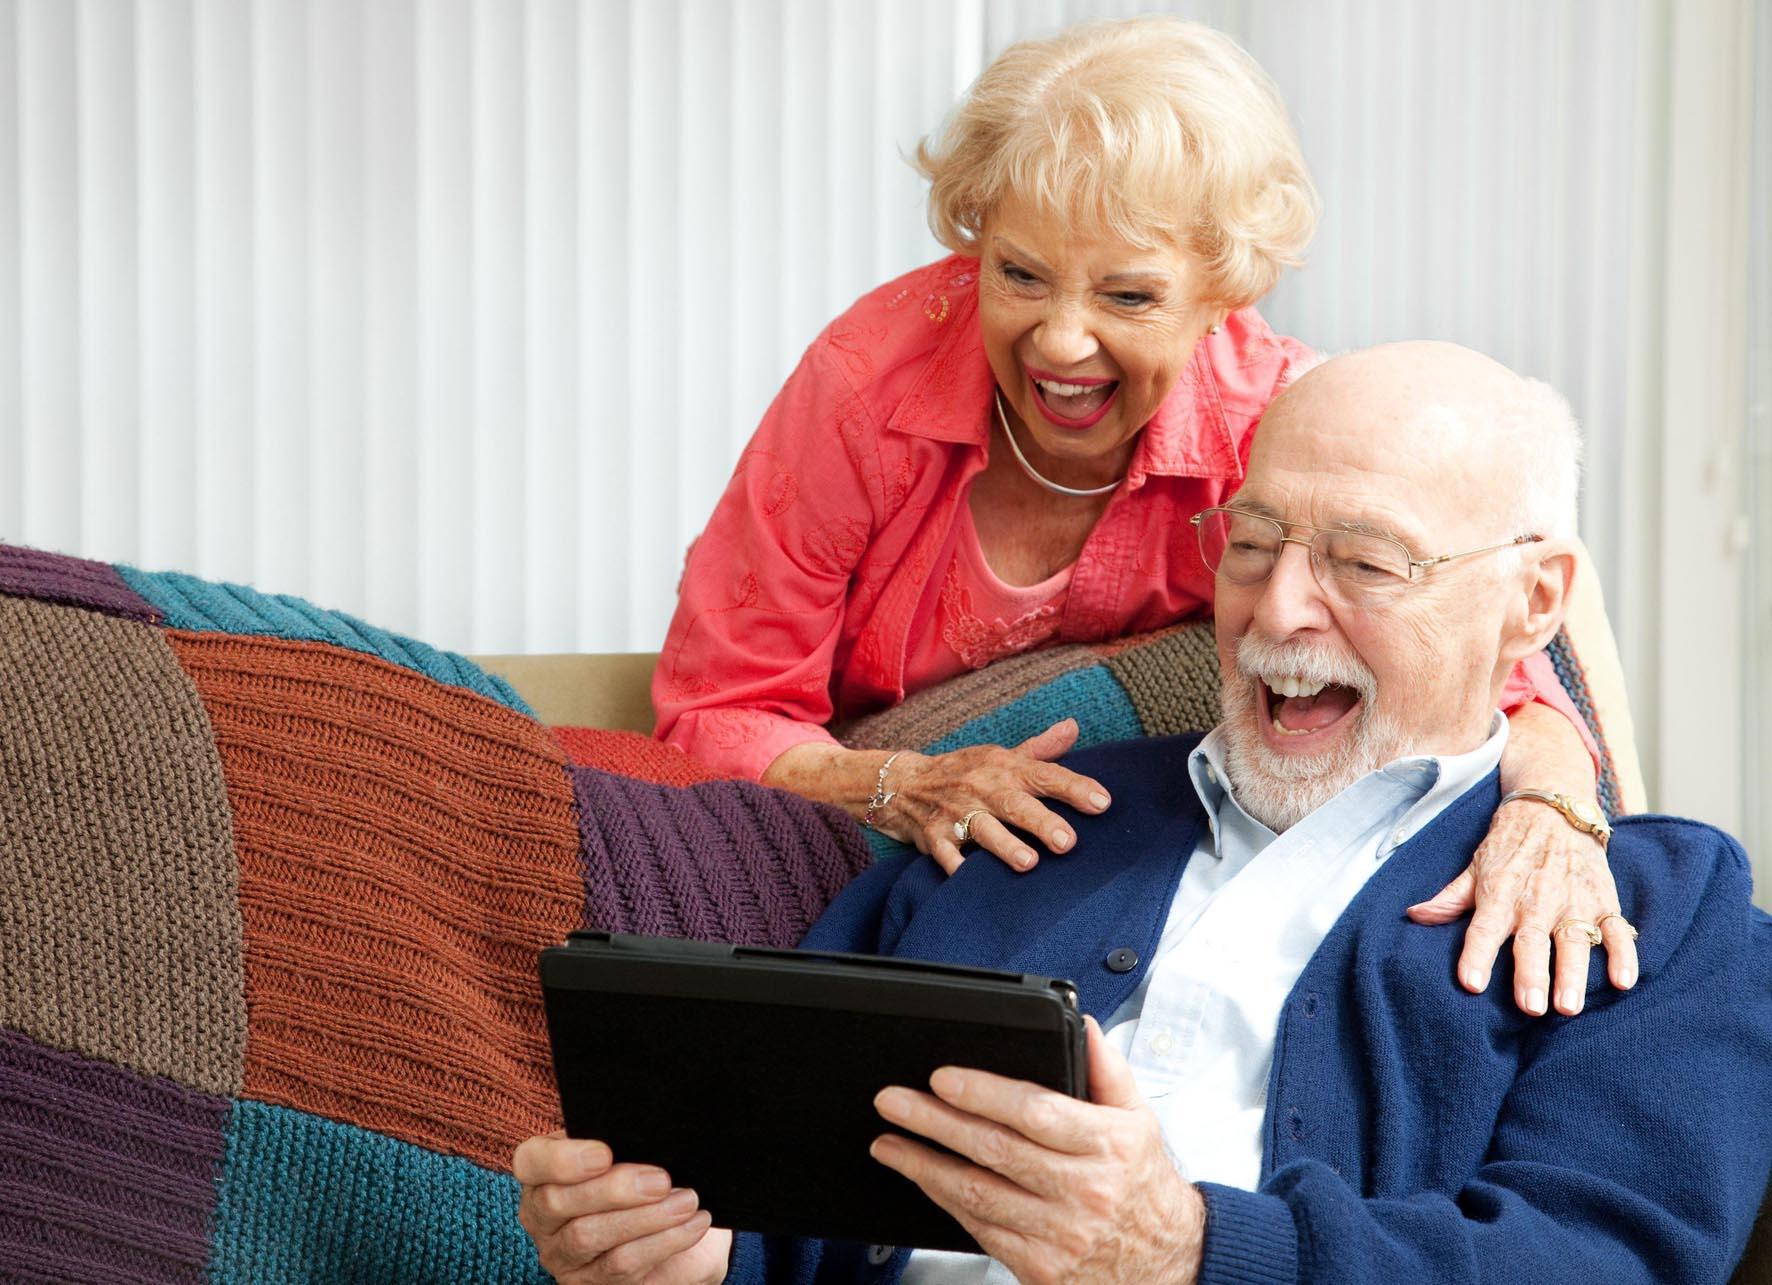 Technische Unterstützung im Alter zu Hause